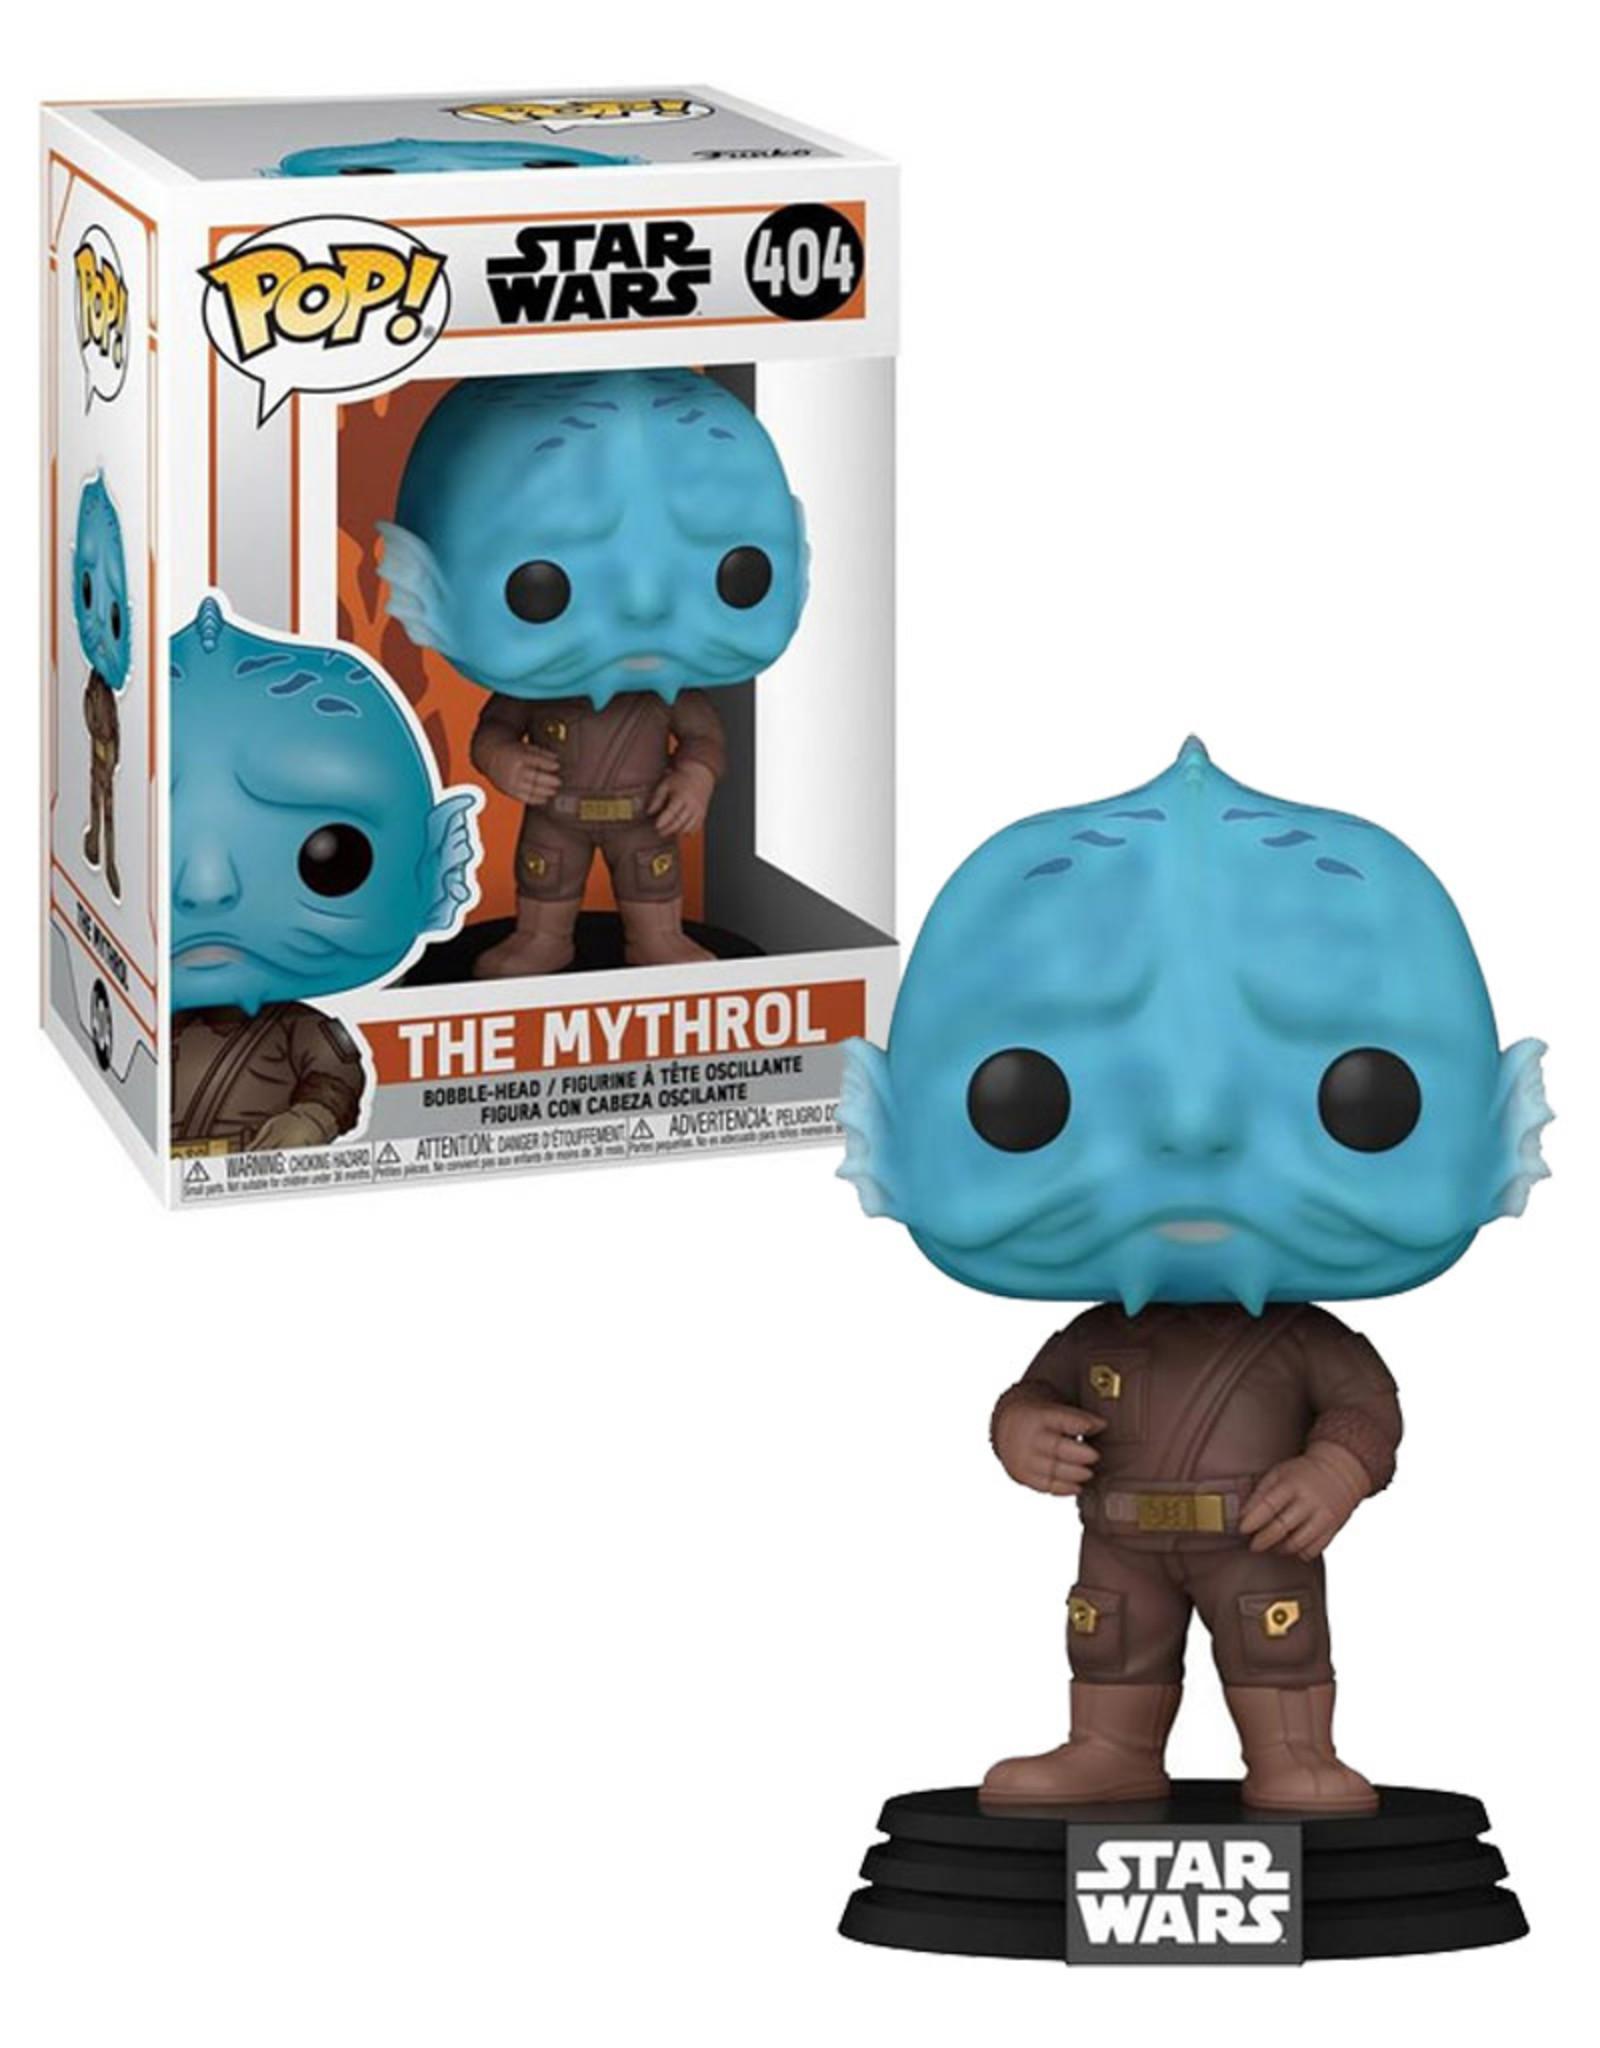 Star Wars 404 ( Funko Pop ) The Mythrol